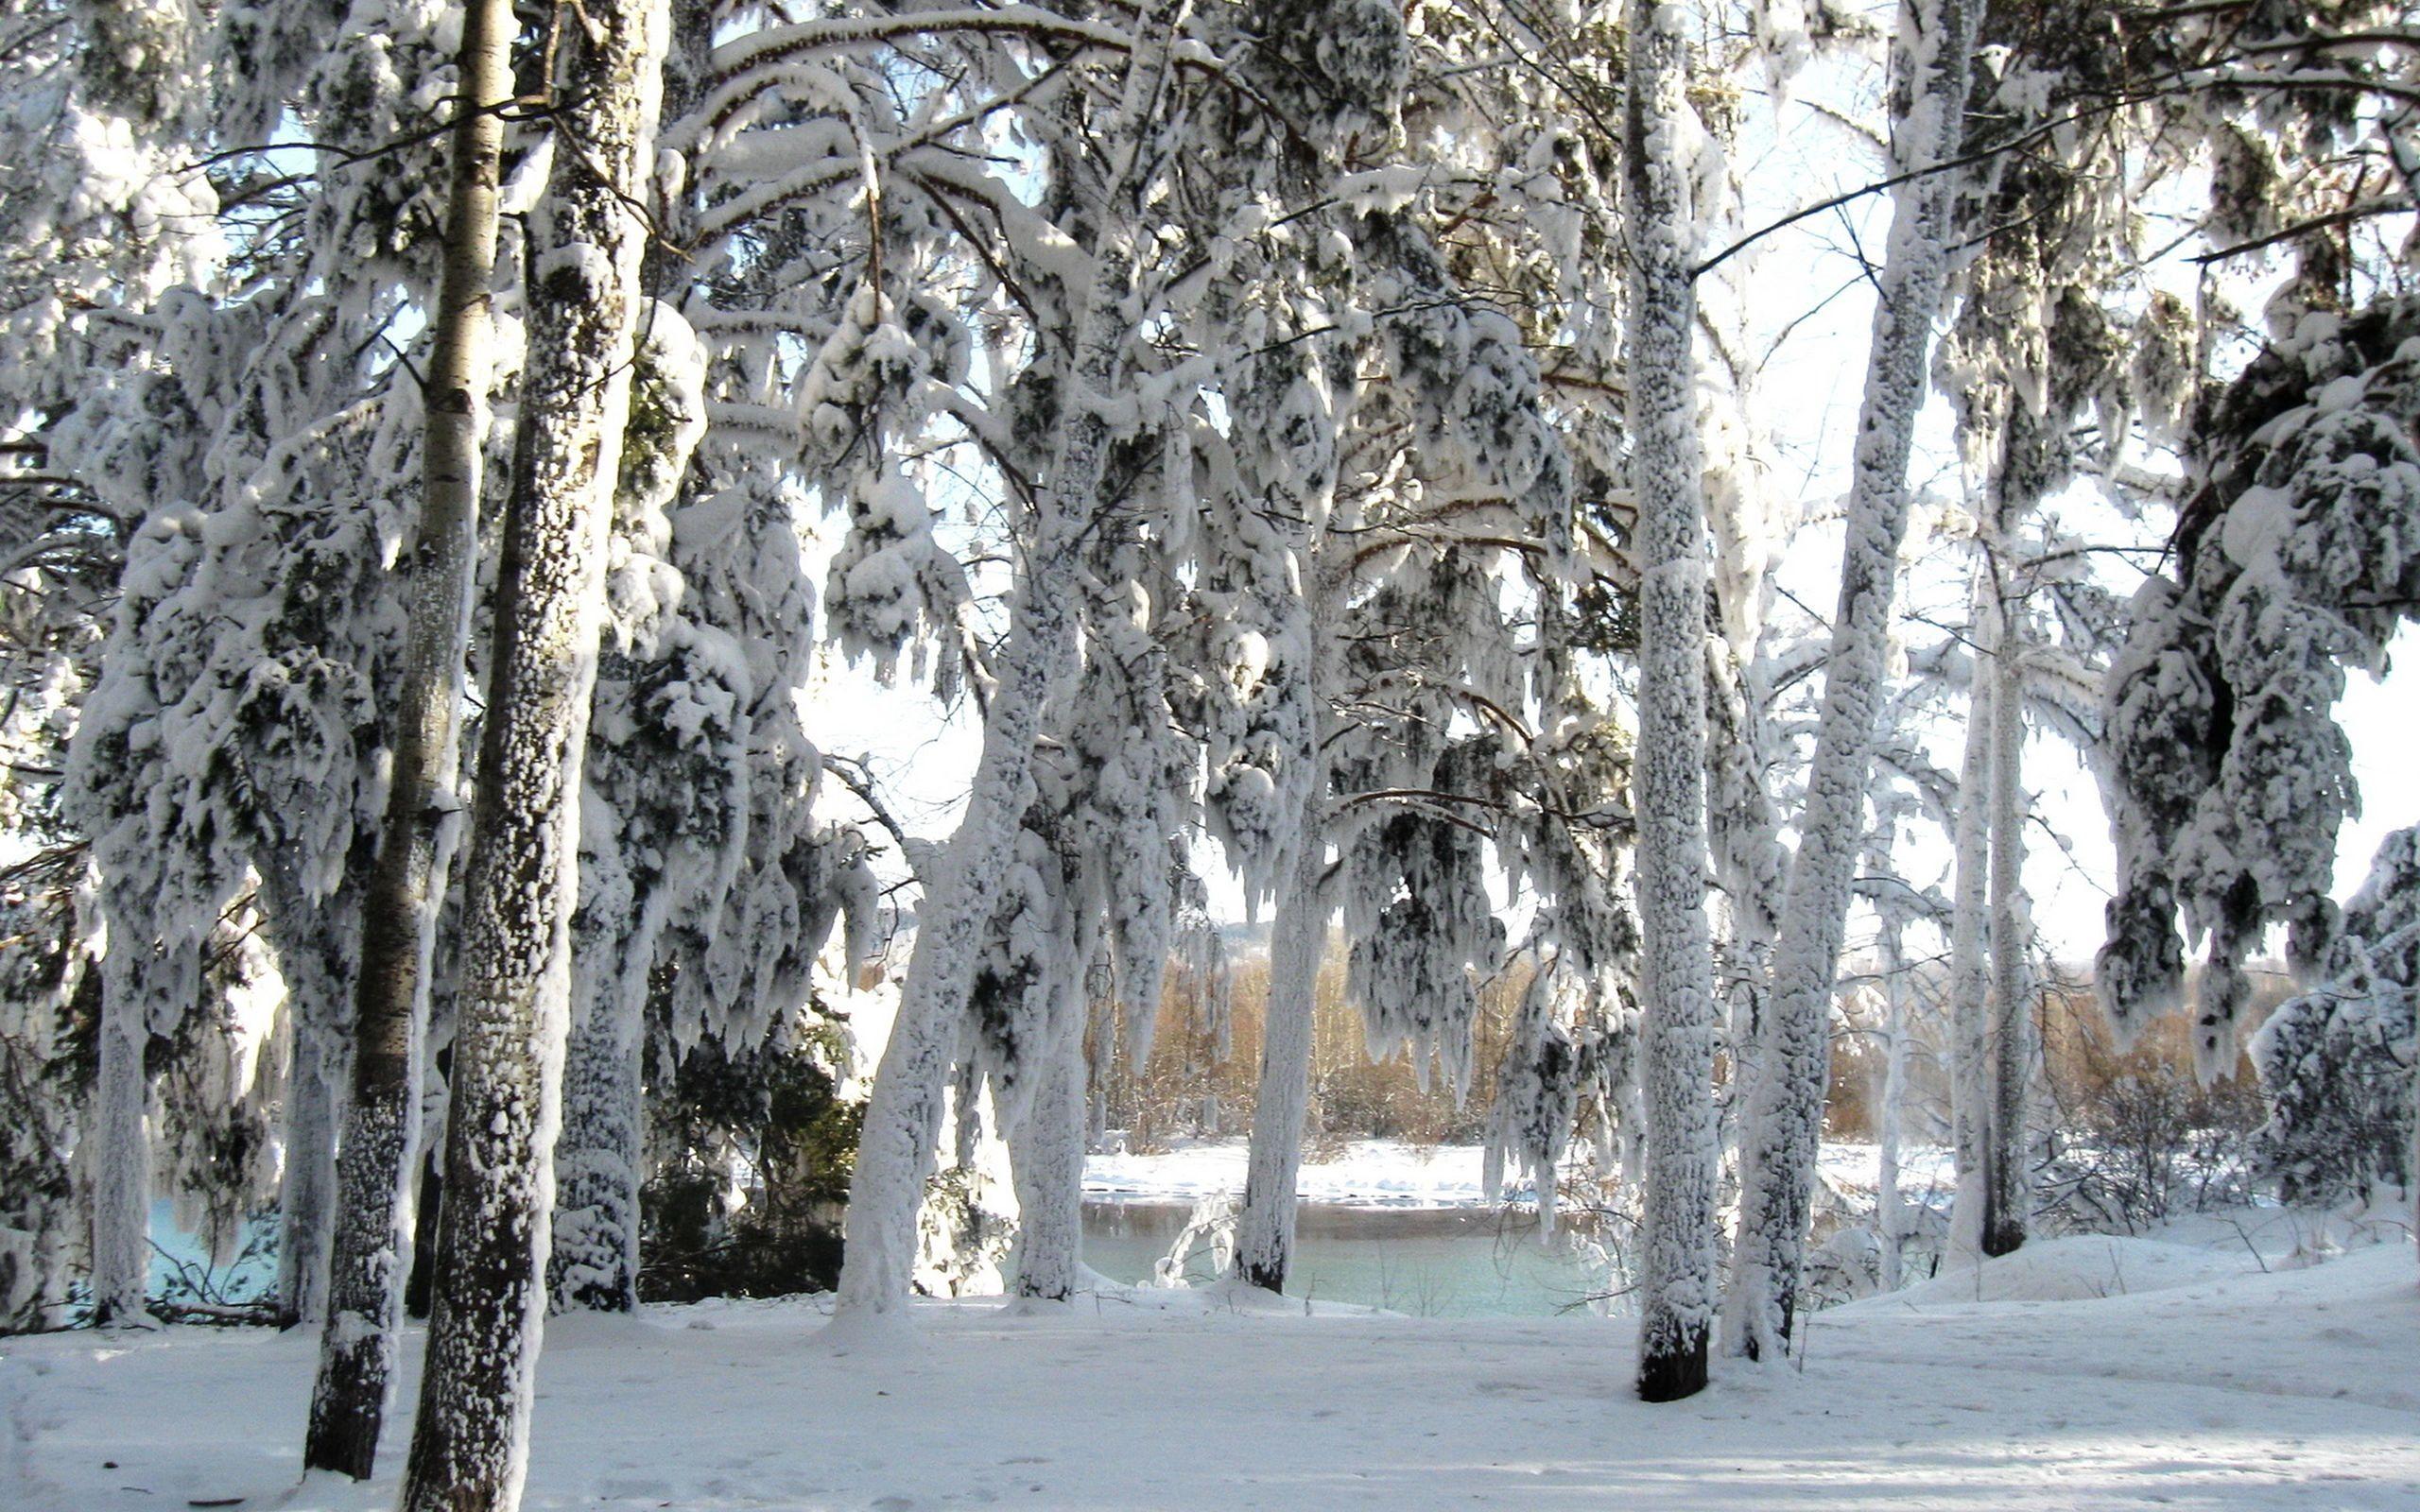 140683 Заставки и Обои Зима на телефон. Скачать Природа, Снег, Деревья, Зима картинки бесплатно